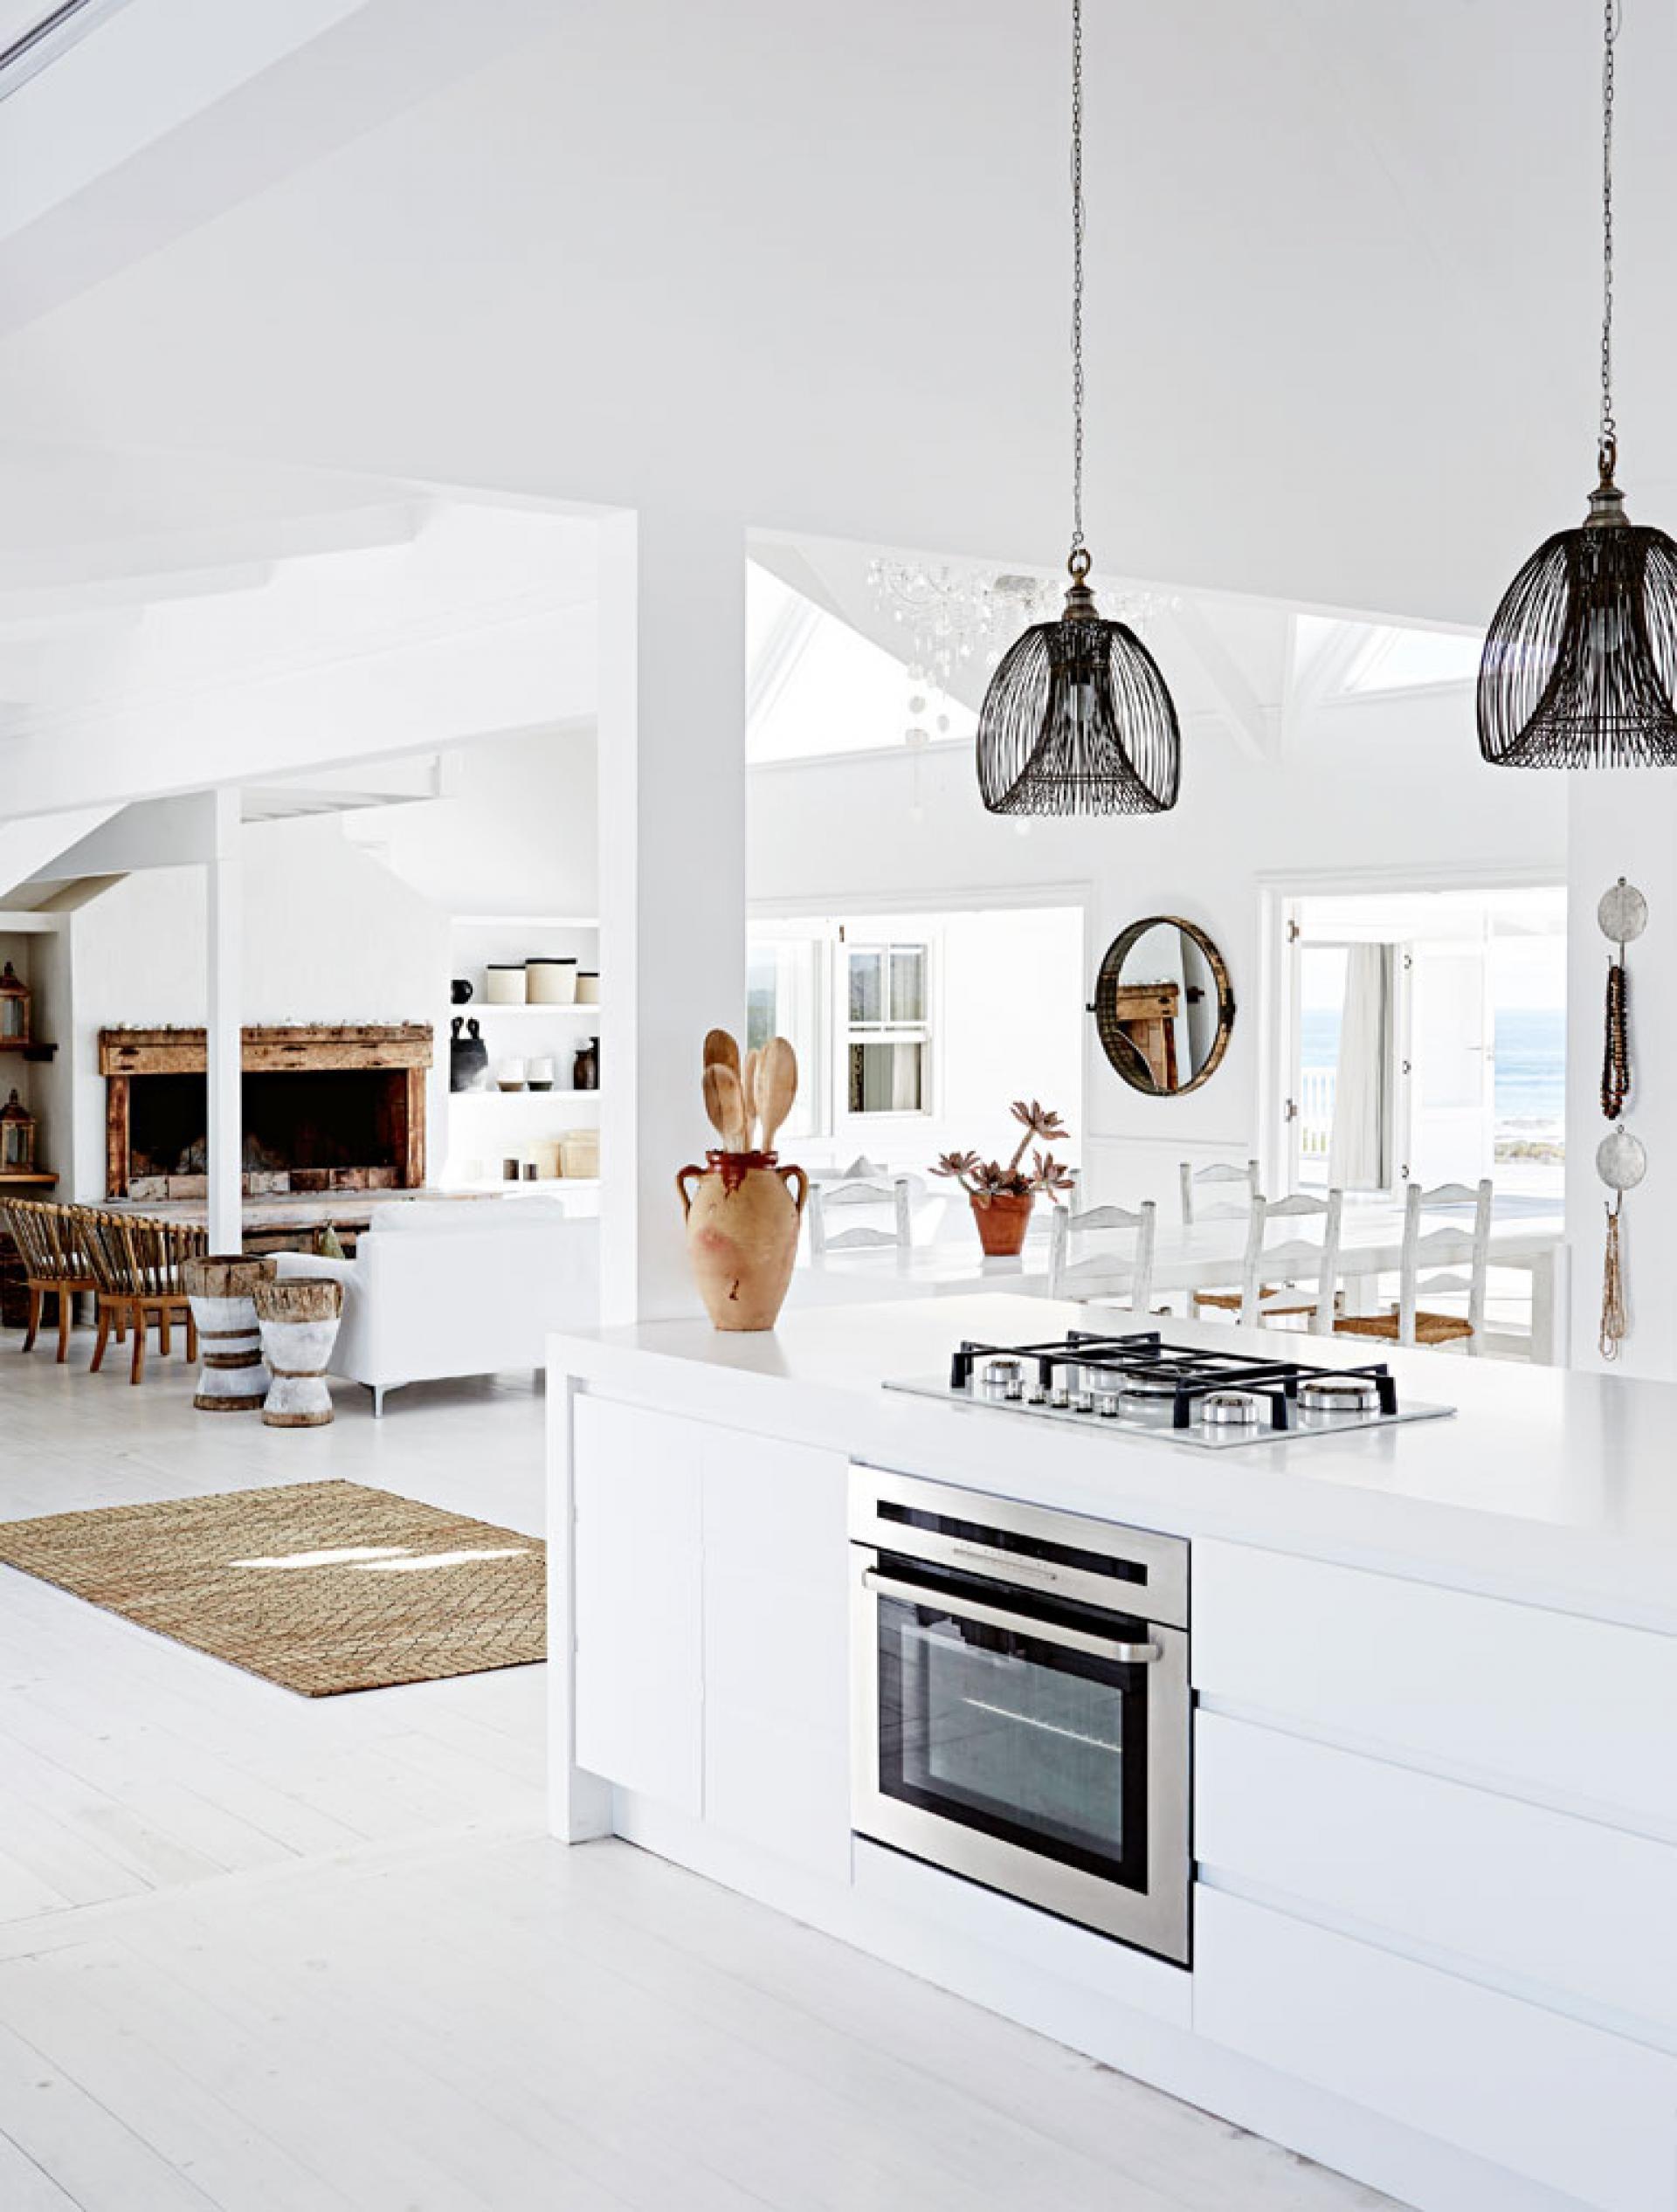 Une maison de plage moderne | Küche, Küchen ideen und Einrichtung